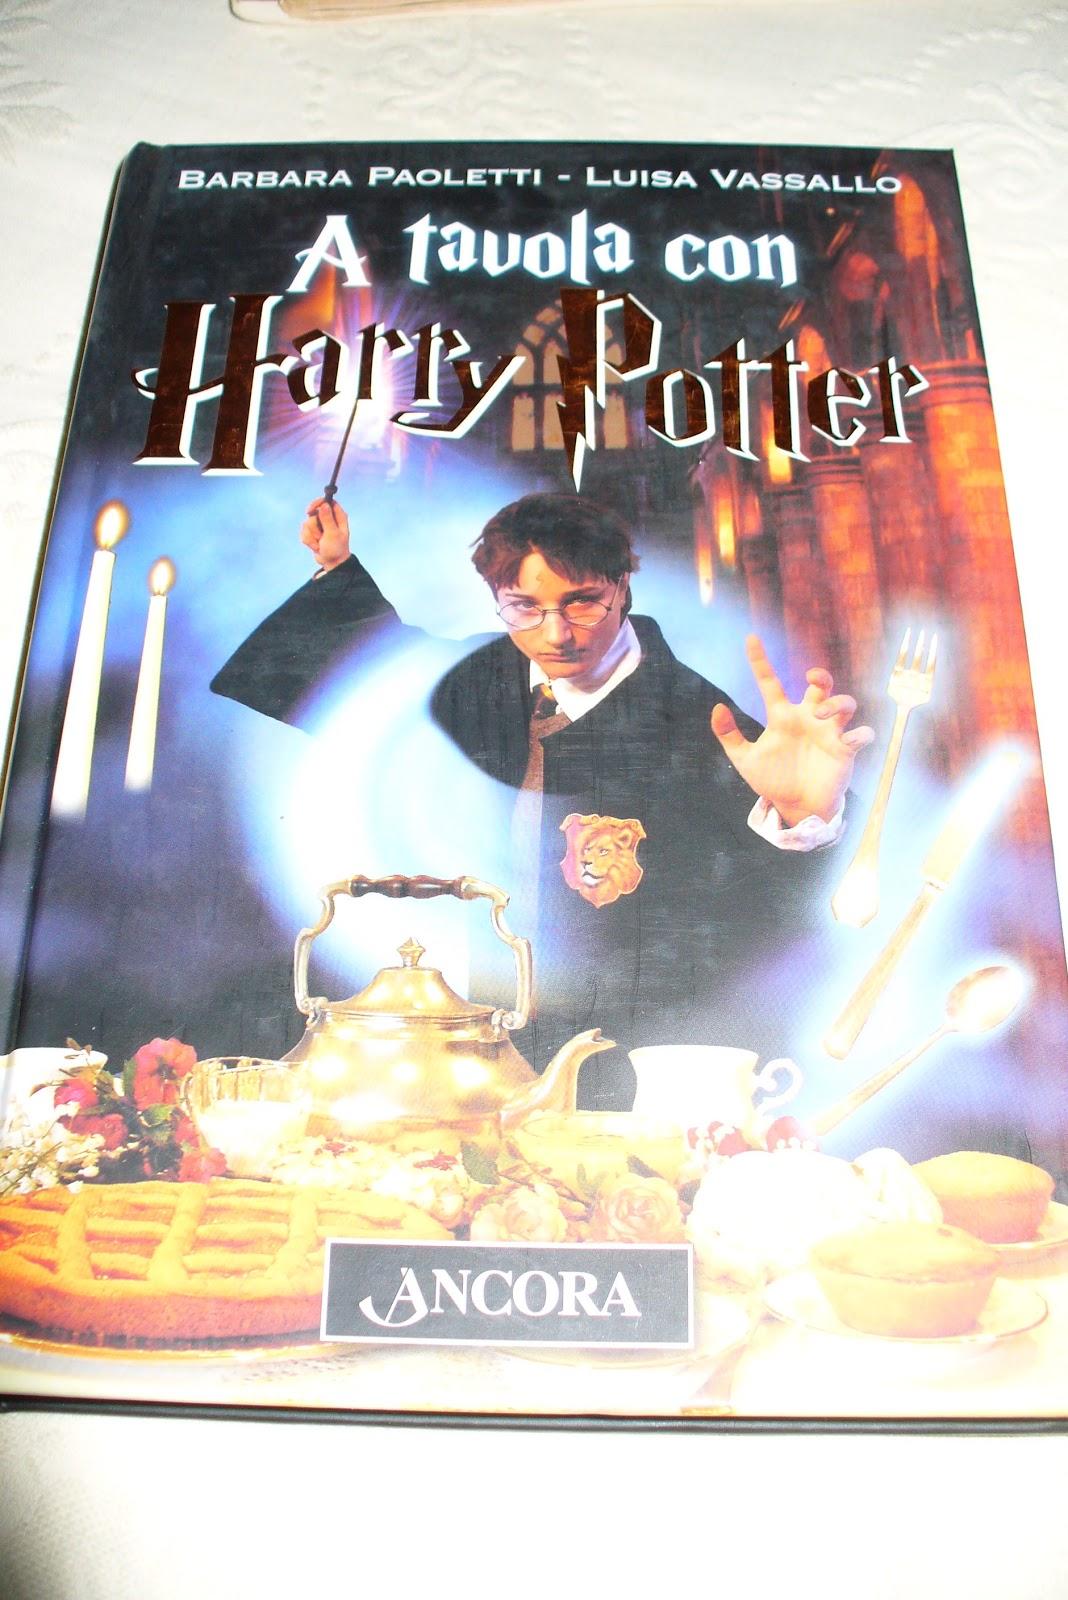 Cucinare la mia passione a tavola con harry potter - A tavola con harry potter ...